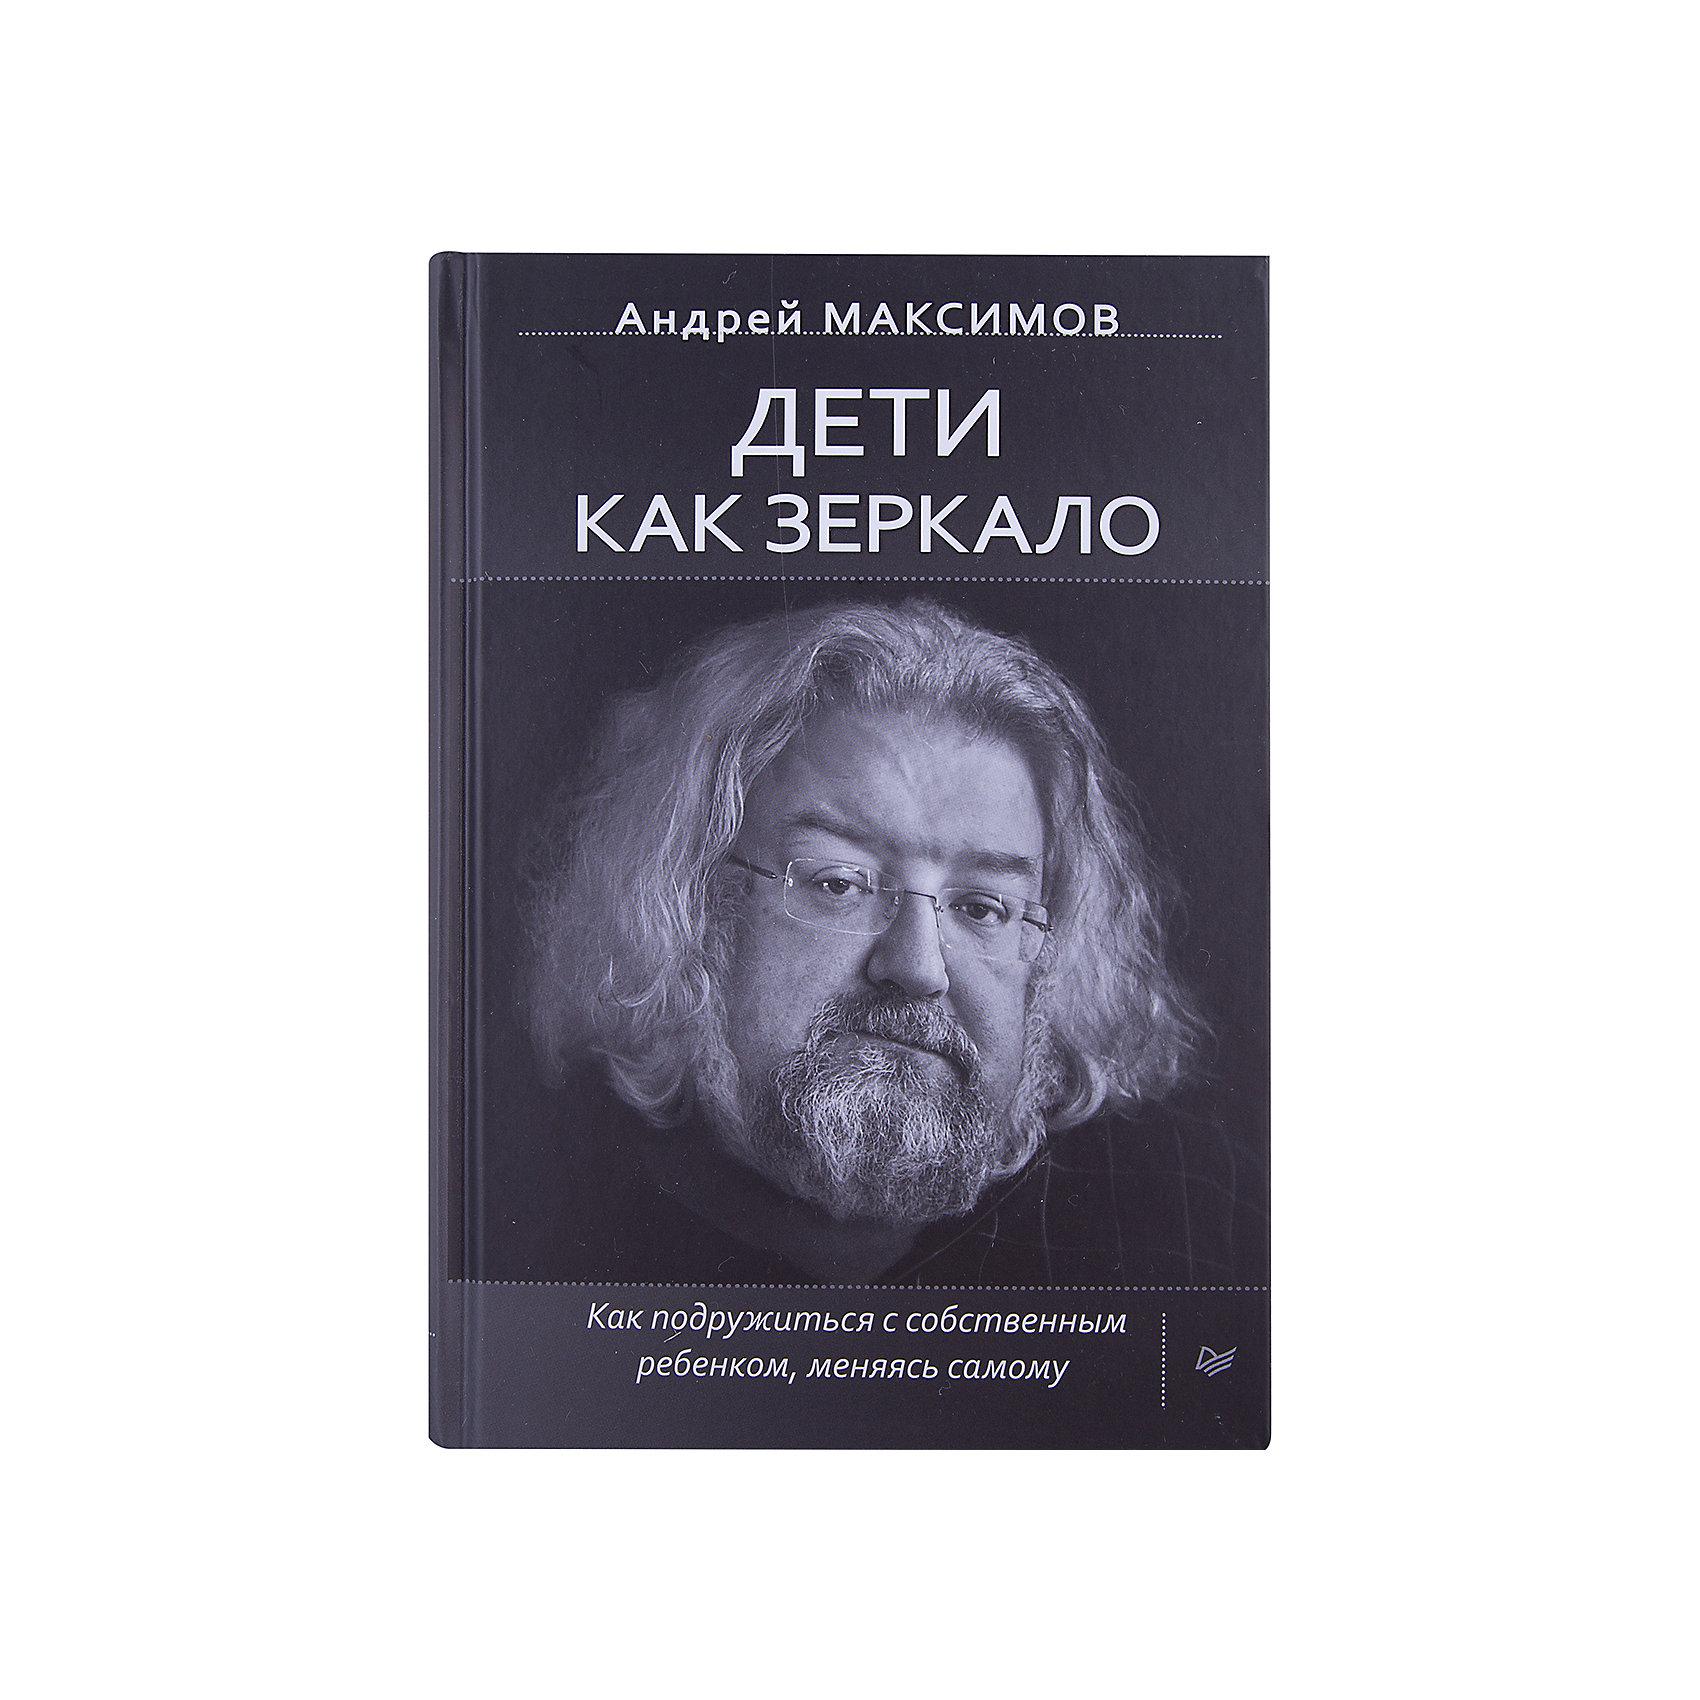 Дети как зеркало, А. Максимов (ПИТЕР)